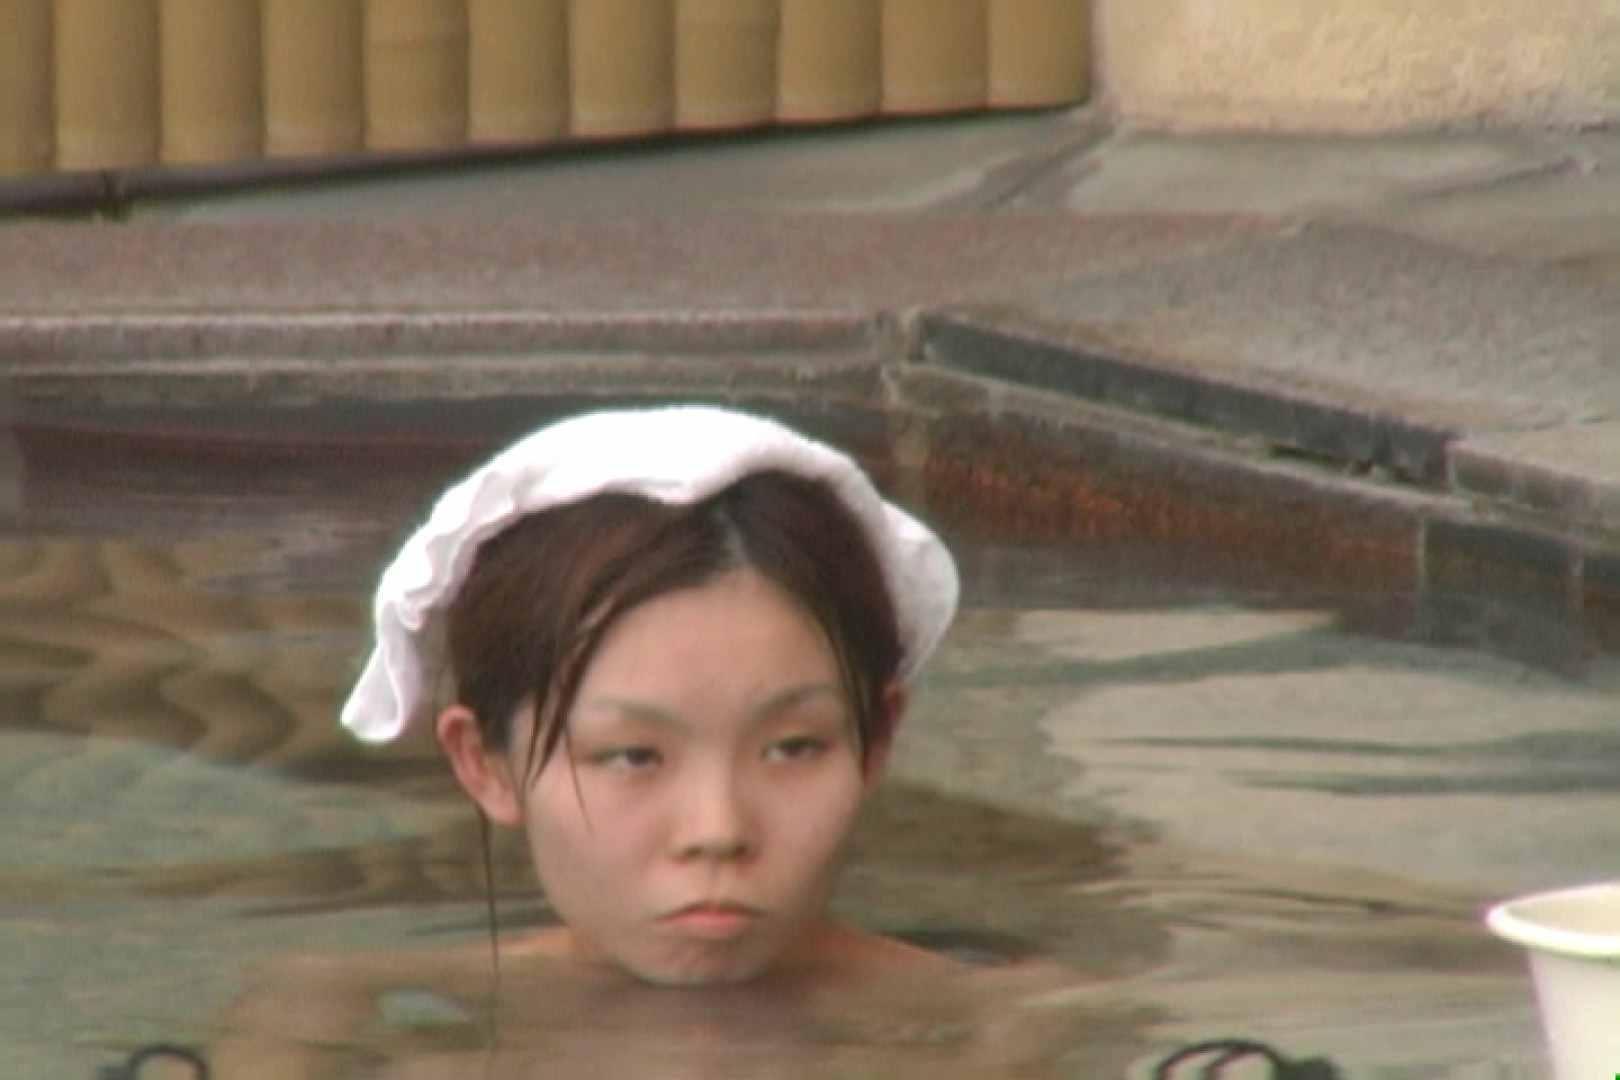 Aquaな露天風呂Vol.580 盗撮師作品 | 美しいOLの裸体  98pic 31